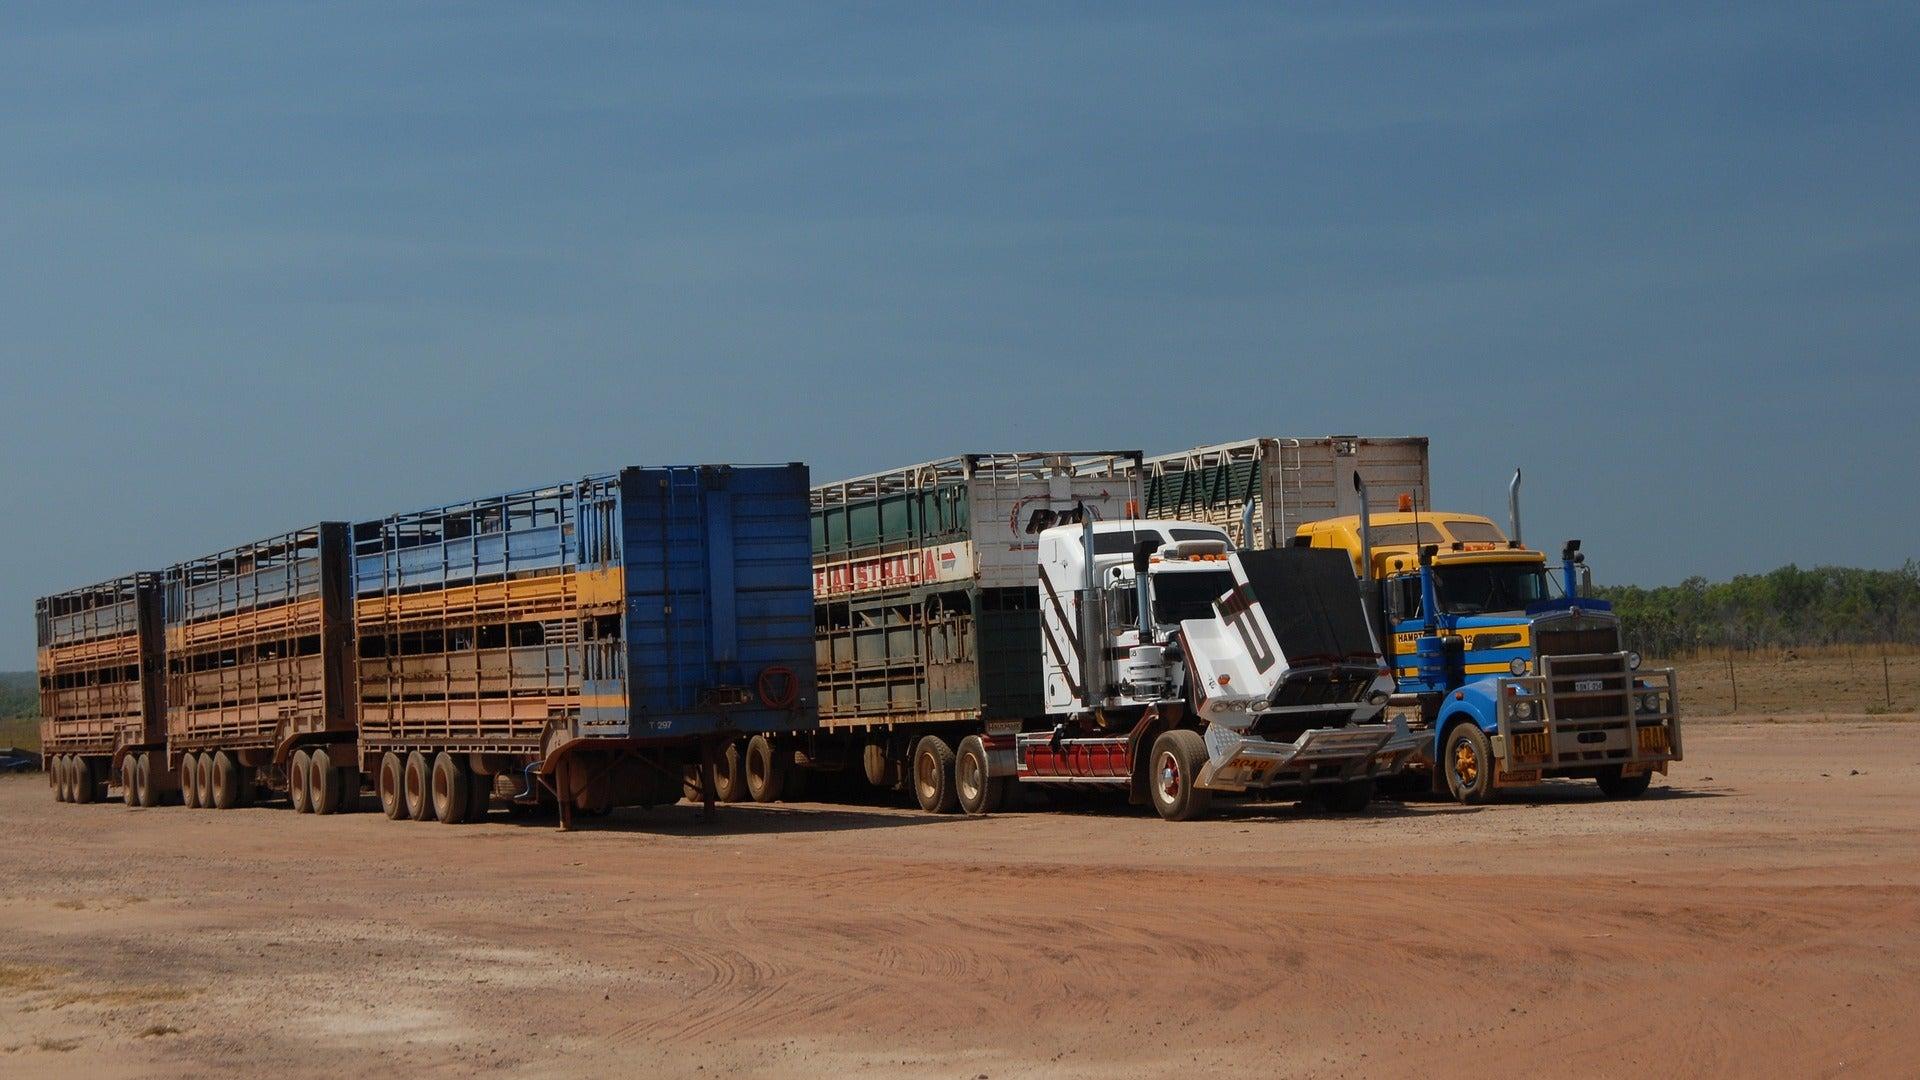 truck-695176_1920.jpg